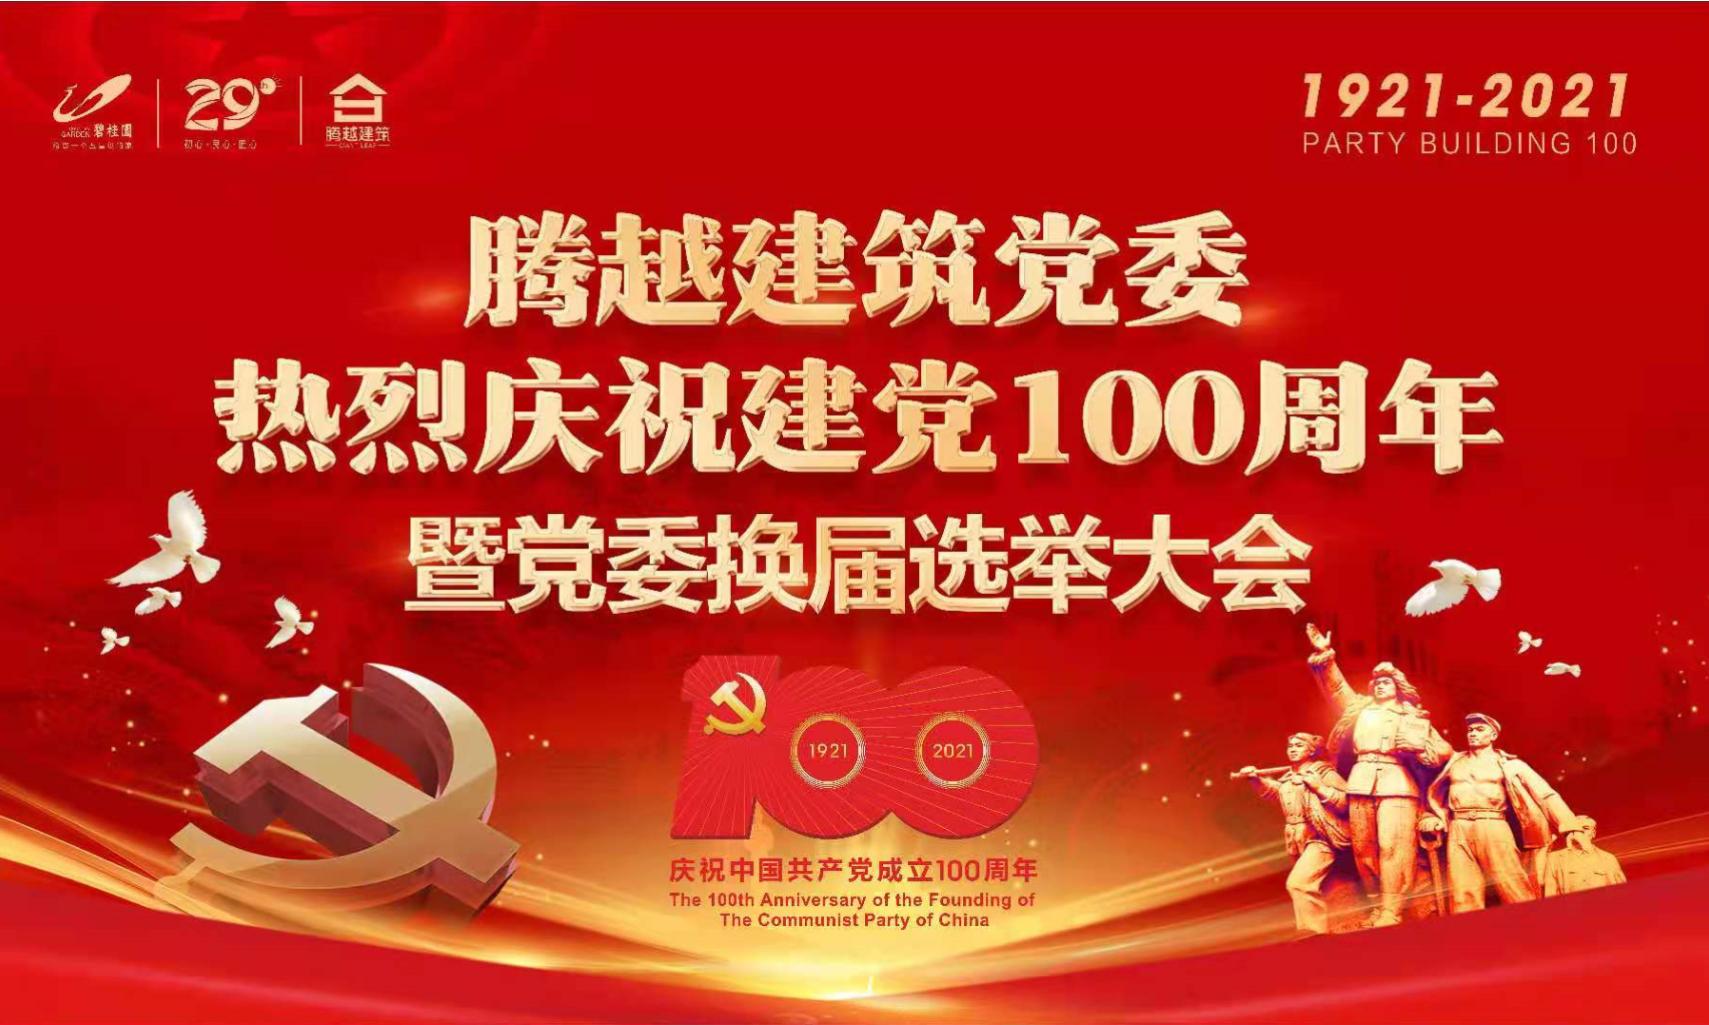 亚博网站备用建筑党委热烈庆祝中国共产党建党100周年暨党委换届选举大会